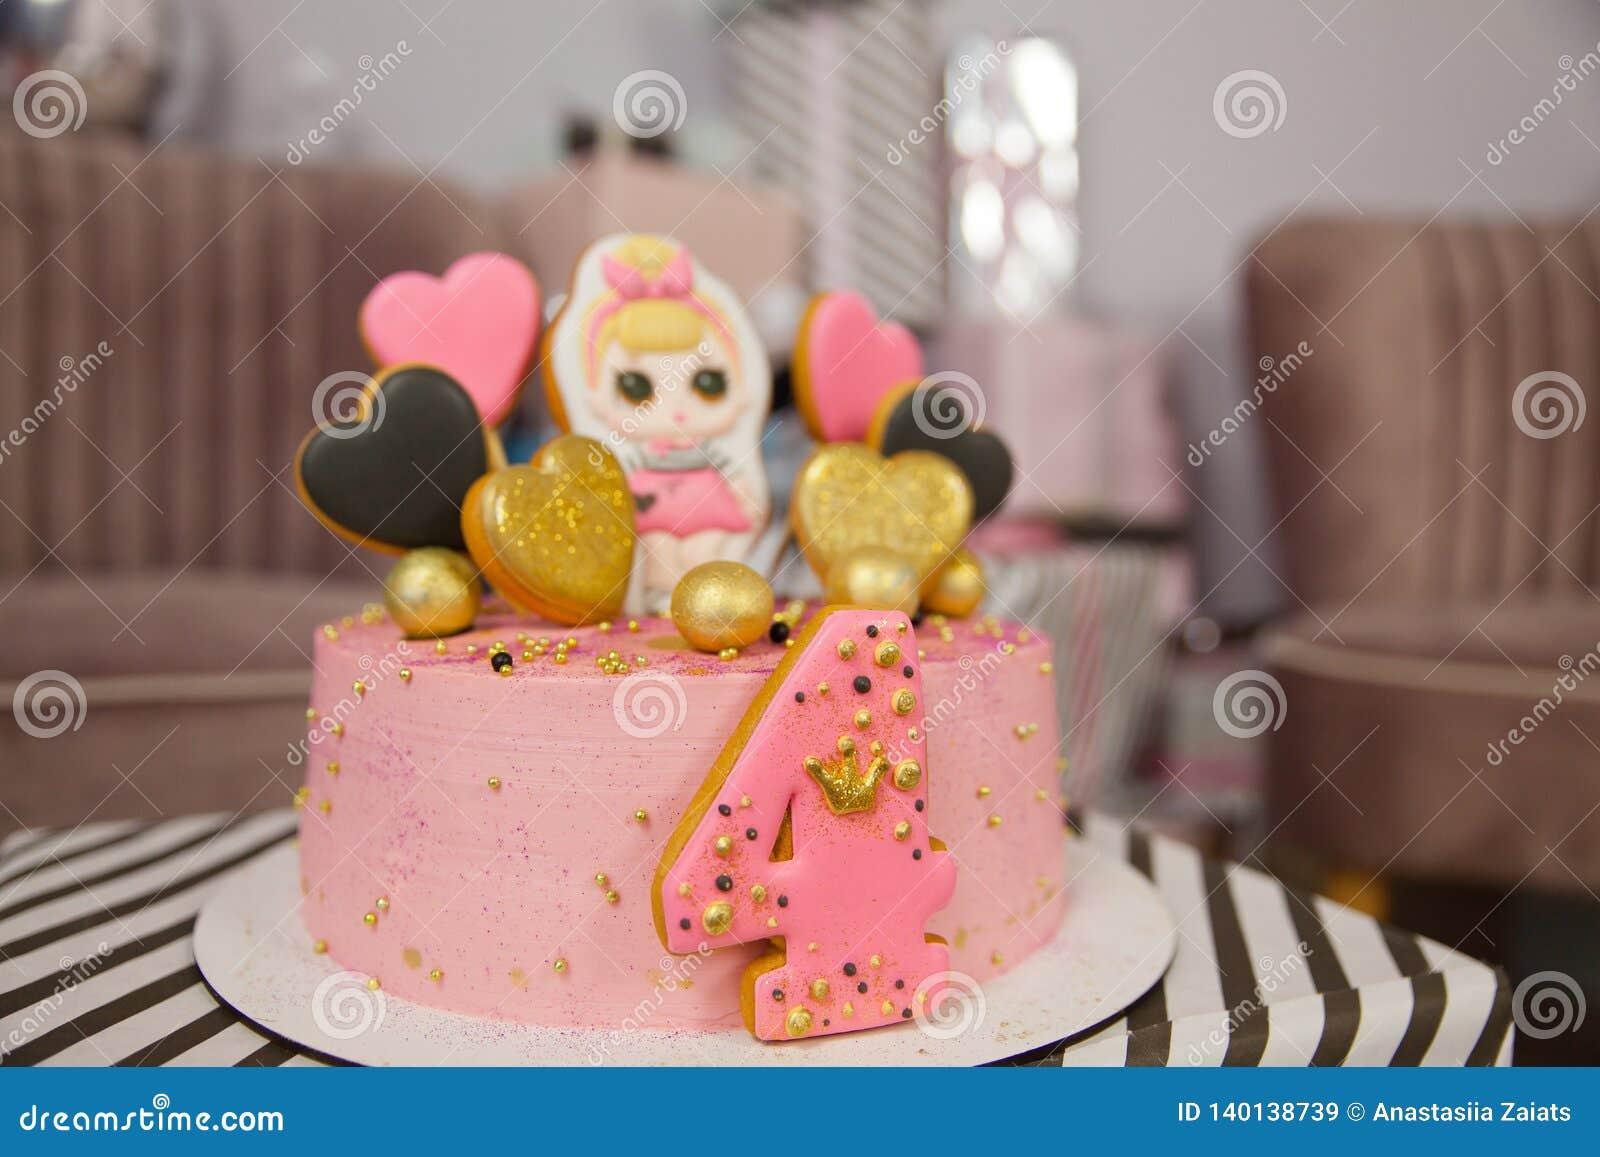 Geburtstagskuchen für 4 Jahre verziert mit Lebkuchenherzen mit Zuckerglasur und der Nr. vier